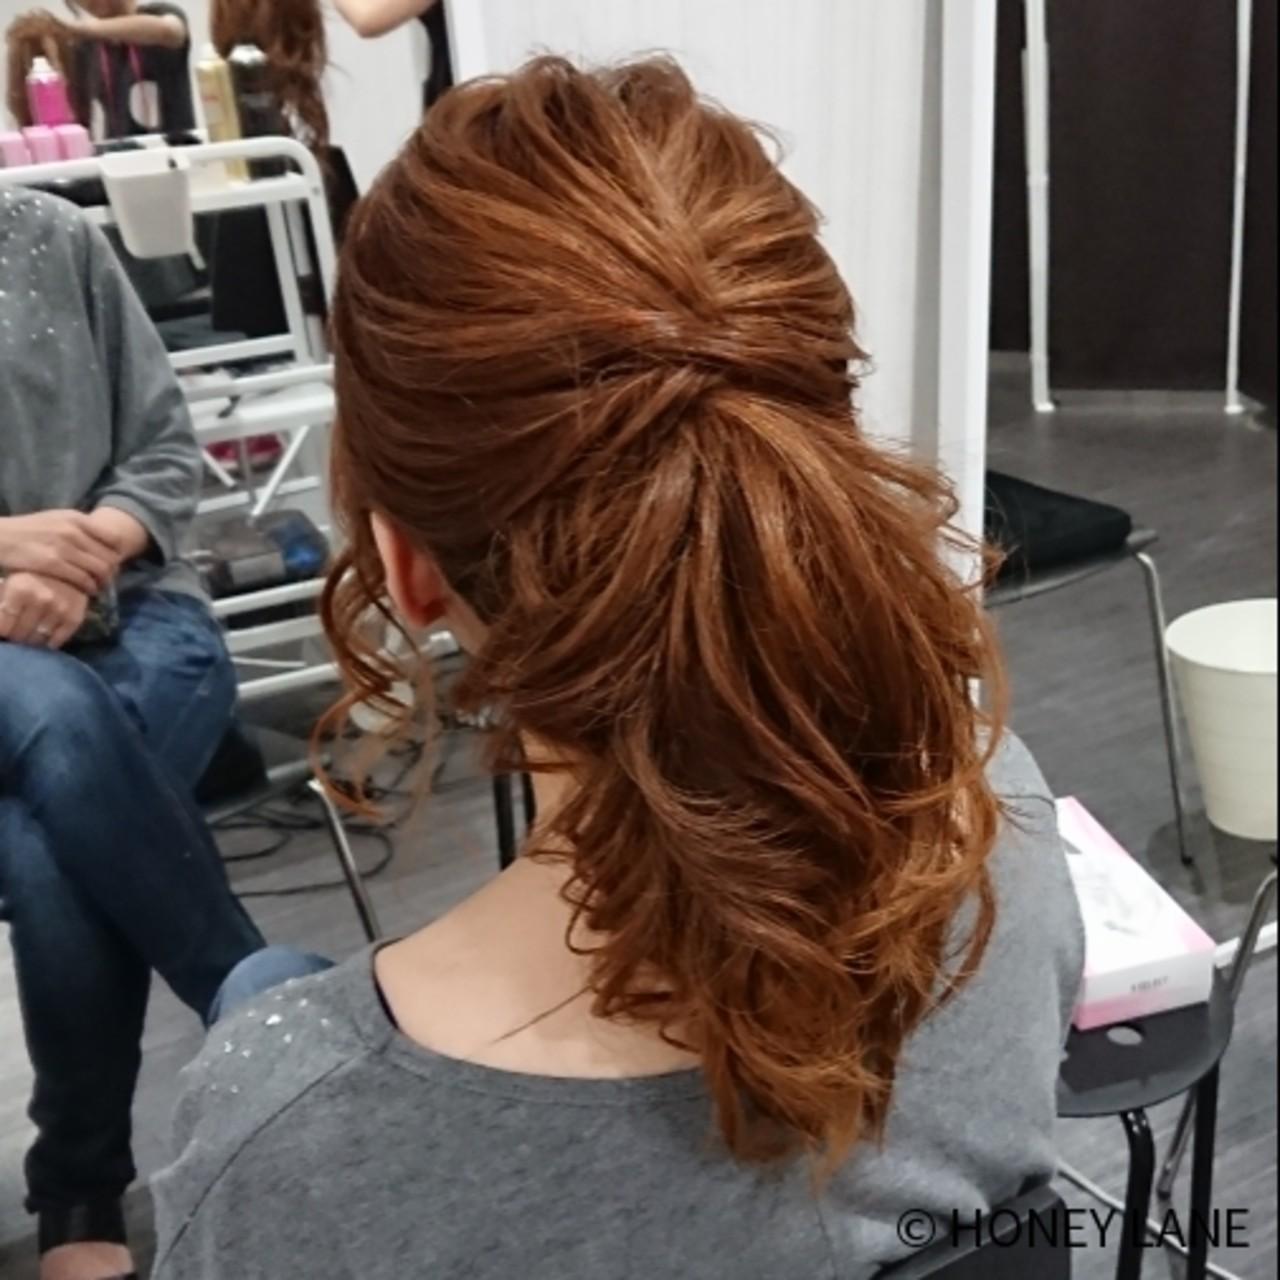 オフィス デート ミディアム ポニーテール ヘアスタイルや髪型の写真・画像   HONEY LANE / HONEY LANE